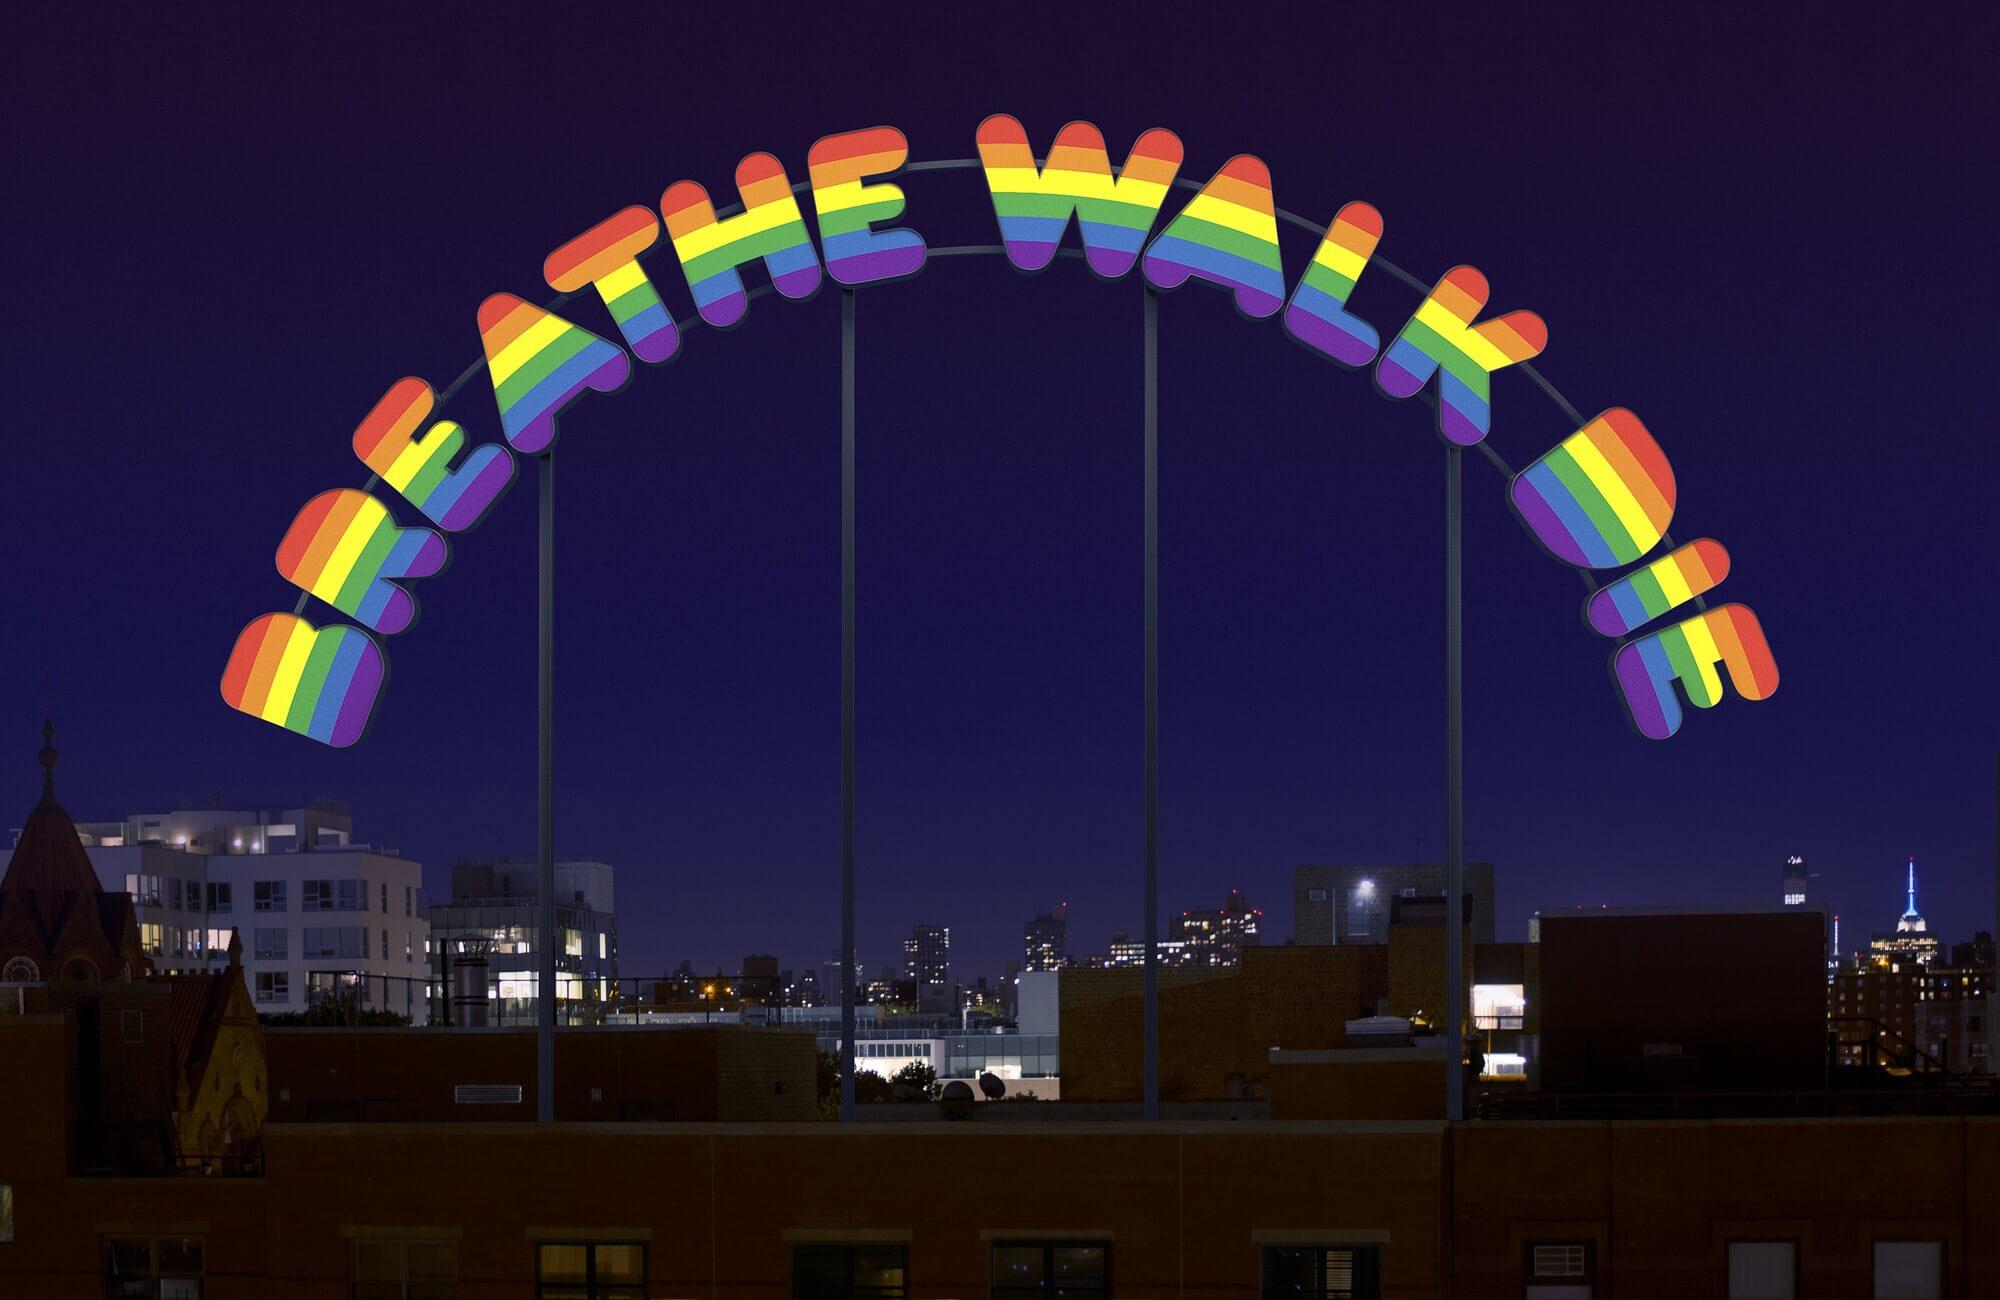 breathe walk die | UGO RONDINONE